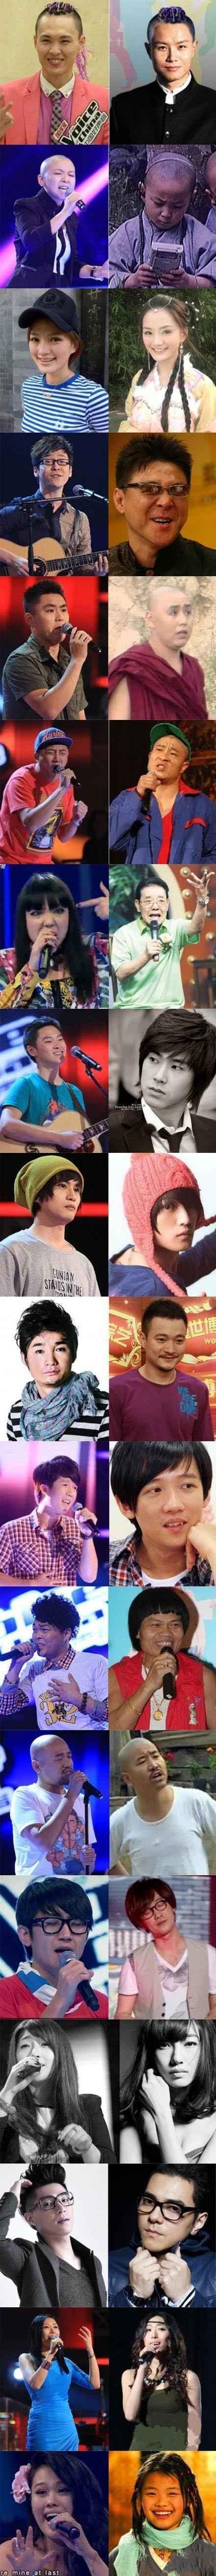 《中国好声音》歌手爆笑撞脸众星终极盘点。。。第五张太喜感了。。。